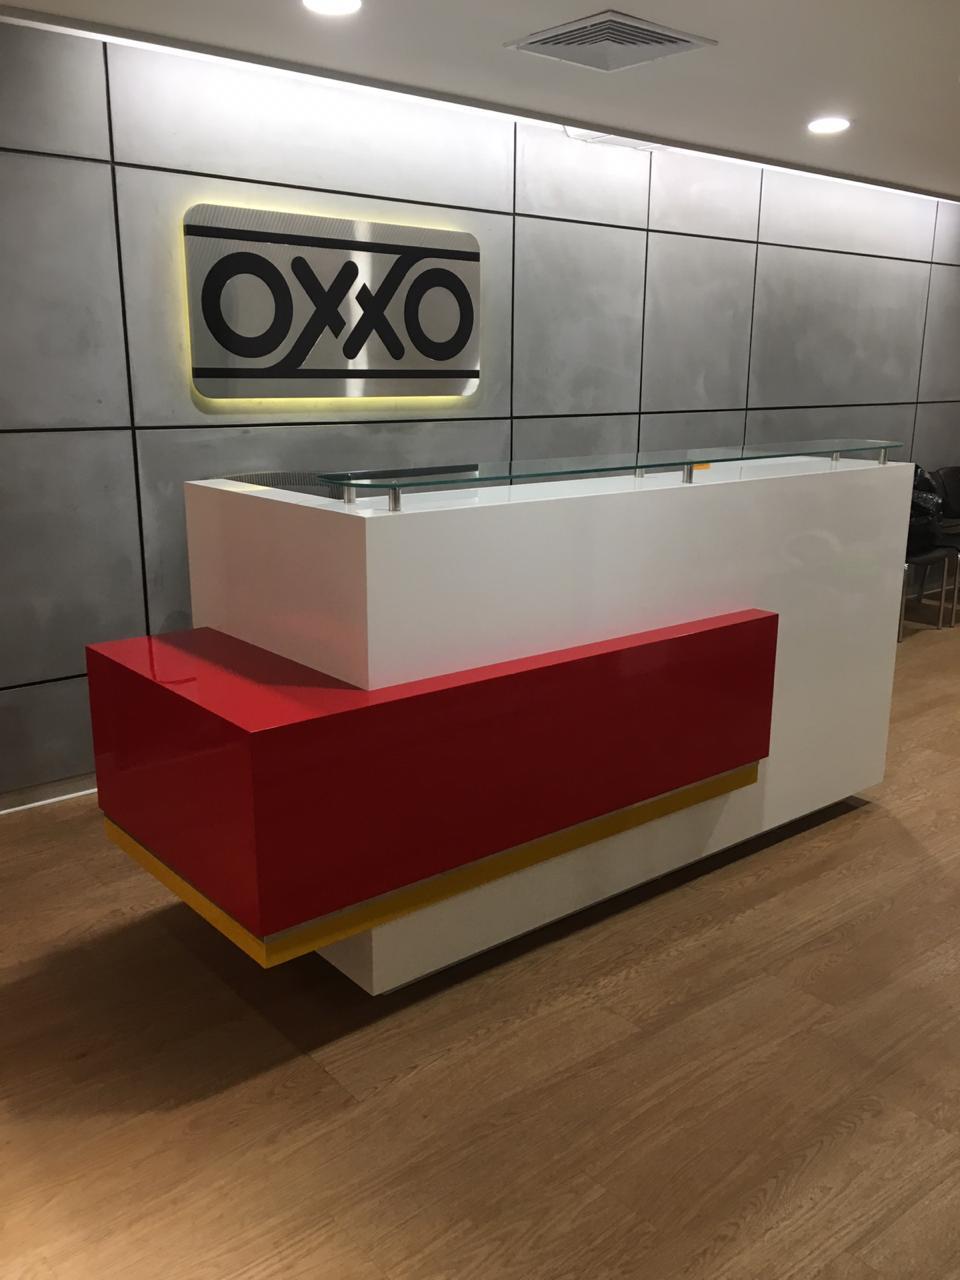 Oxxo - Recepción A - Castellano